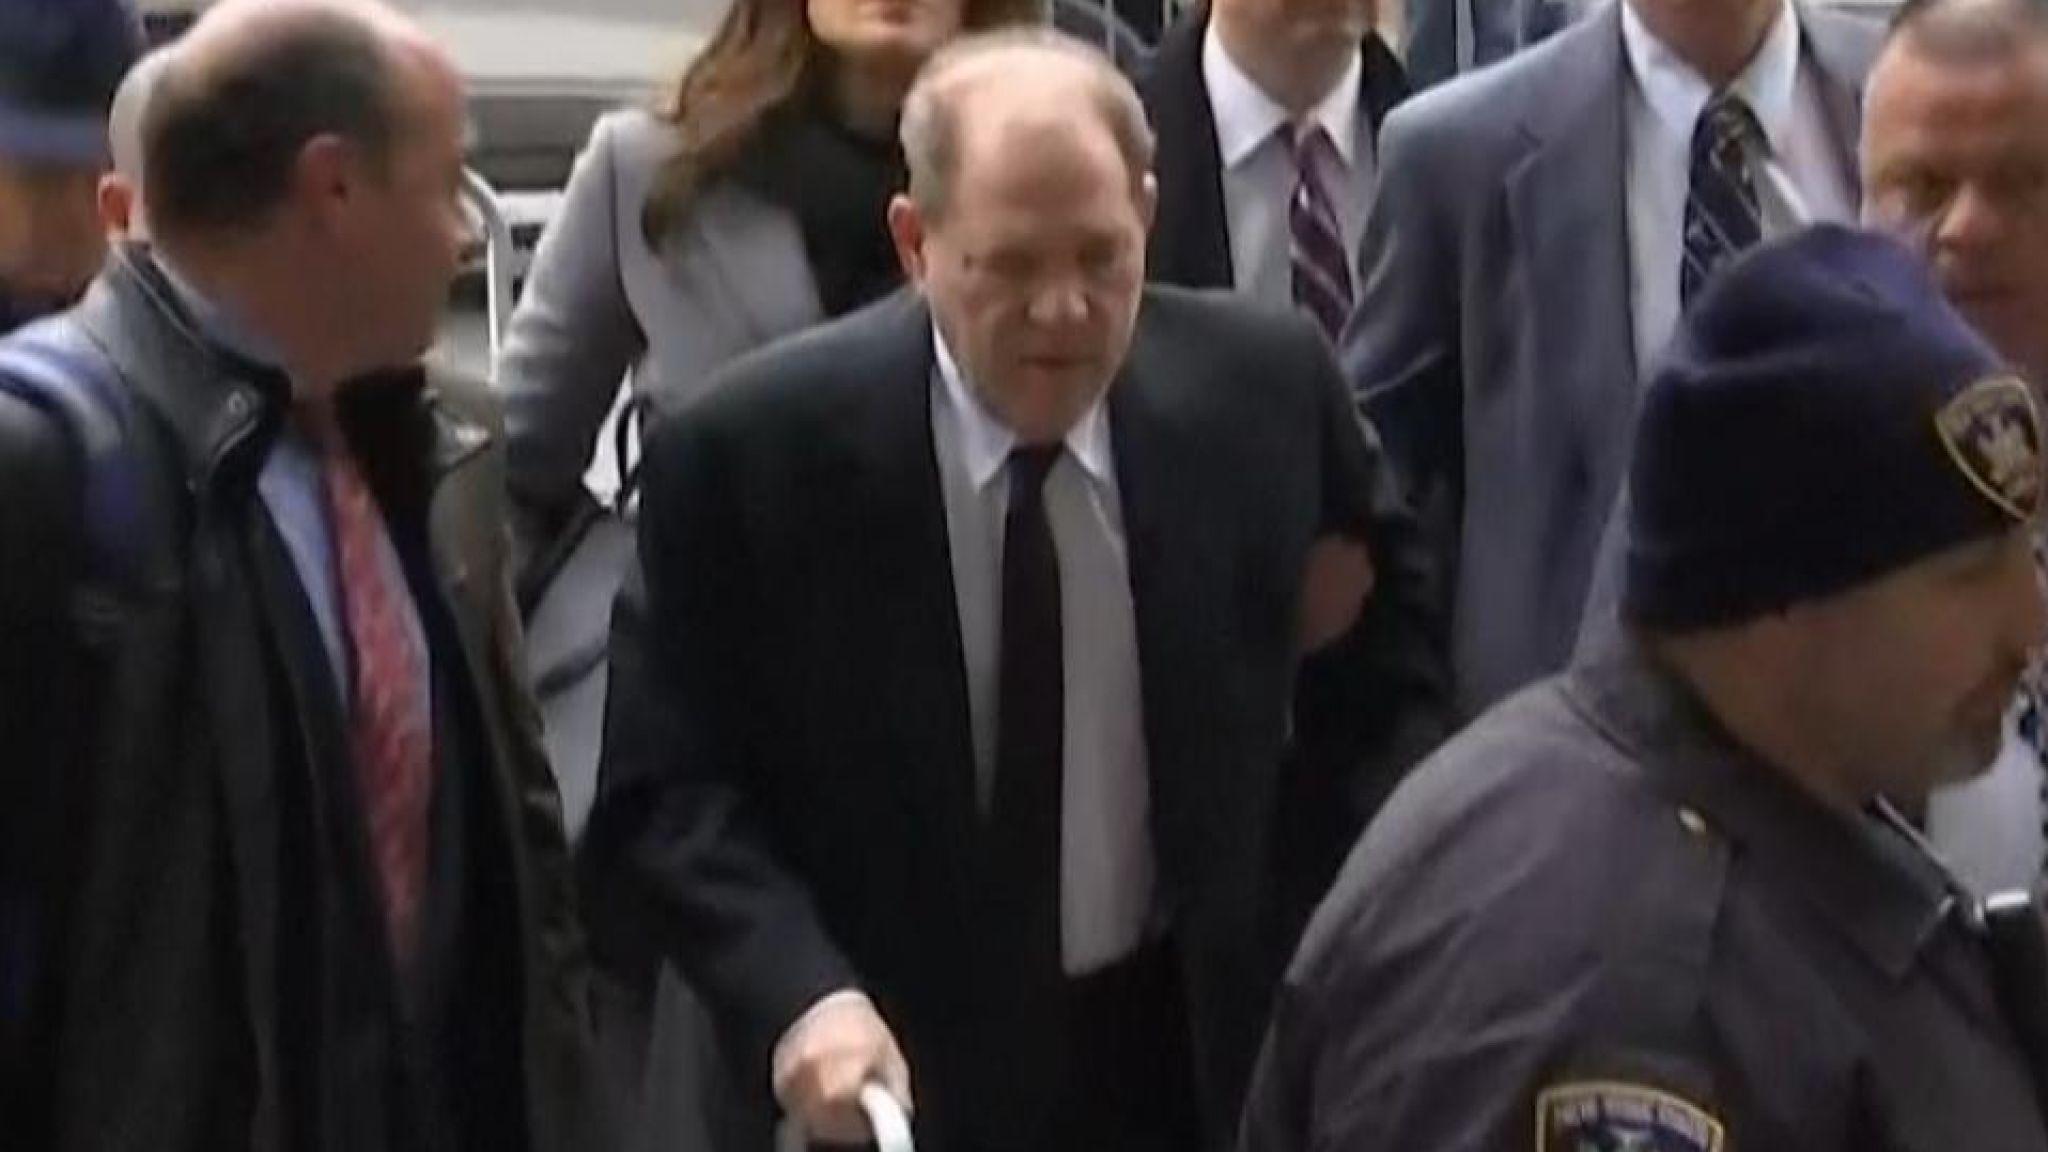 Harvey Weinstein arrives at court in New York